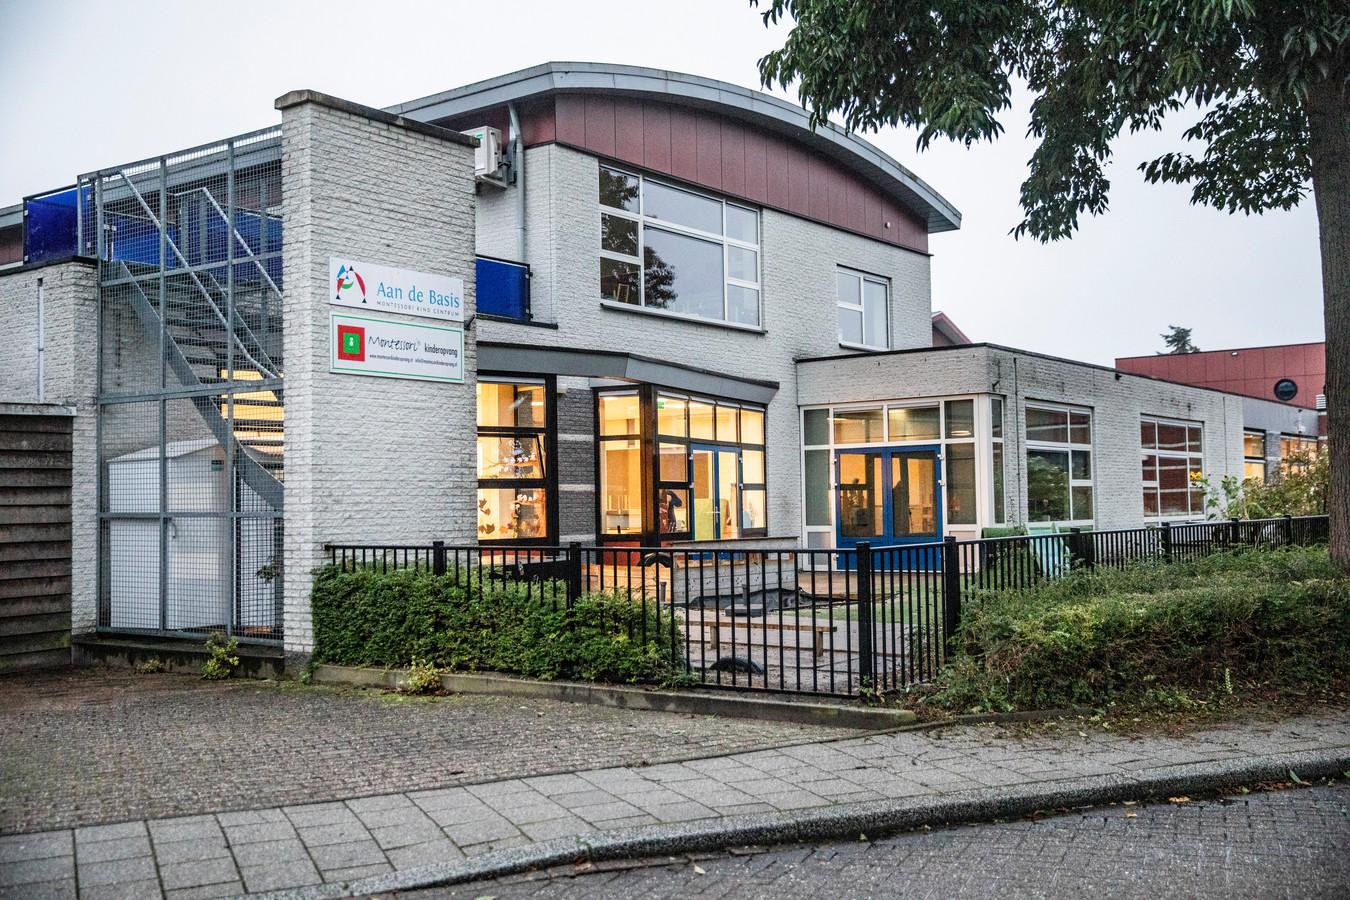 Dit kinderdagverblijf in Veenendaal, onderdeel van het Apeldoornse Kidsplus, staat onder verscherpt toezicht.